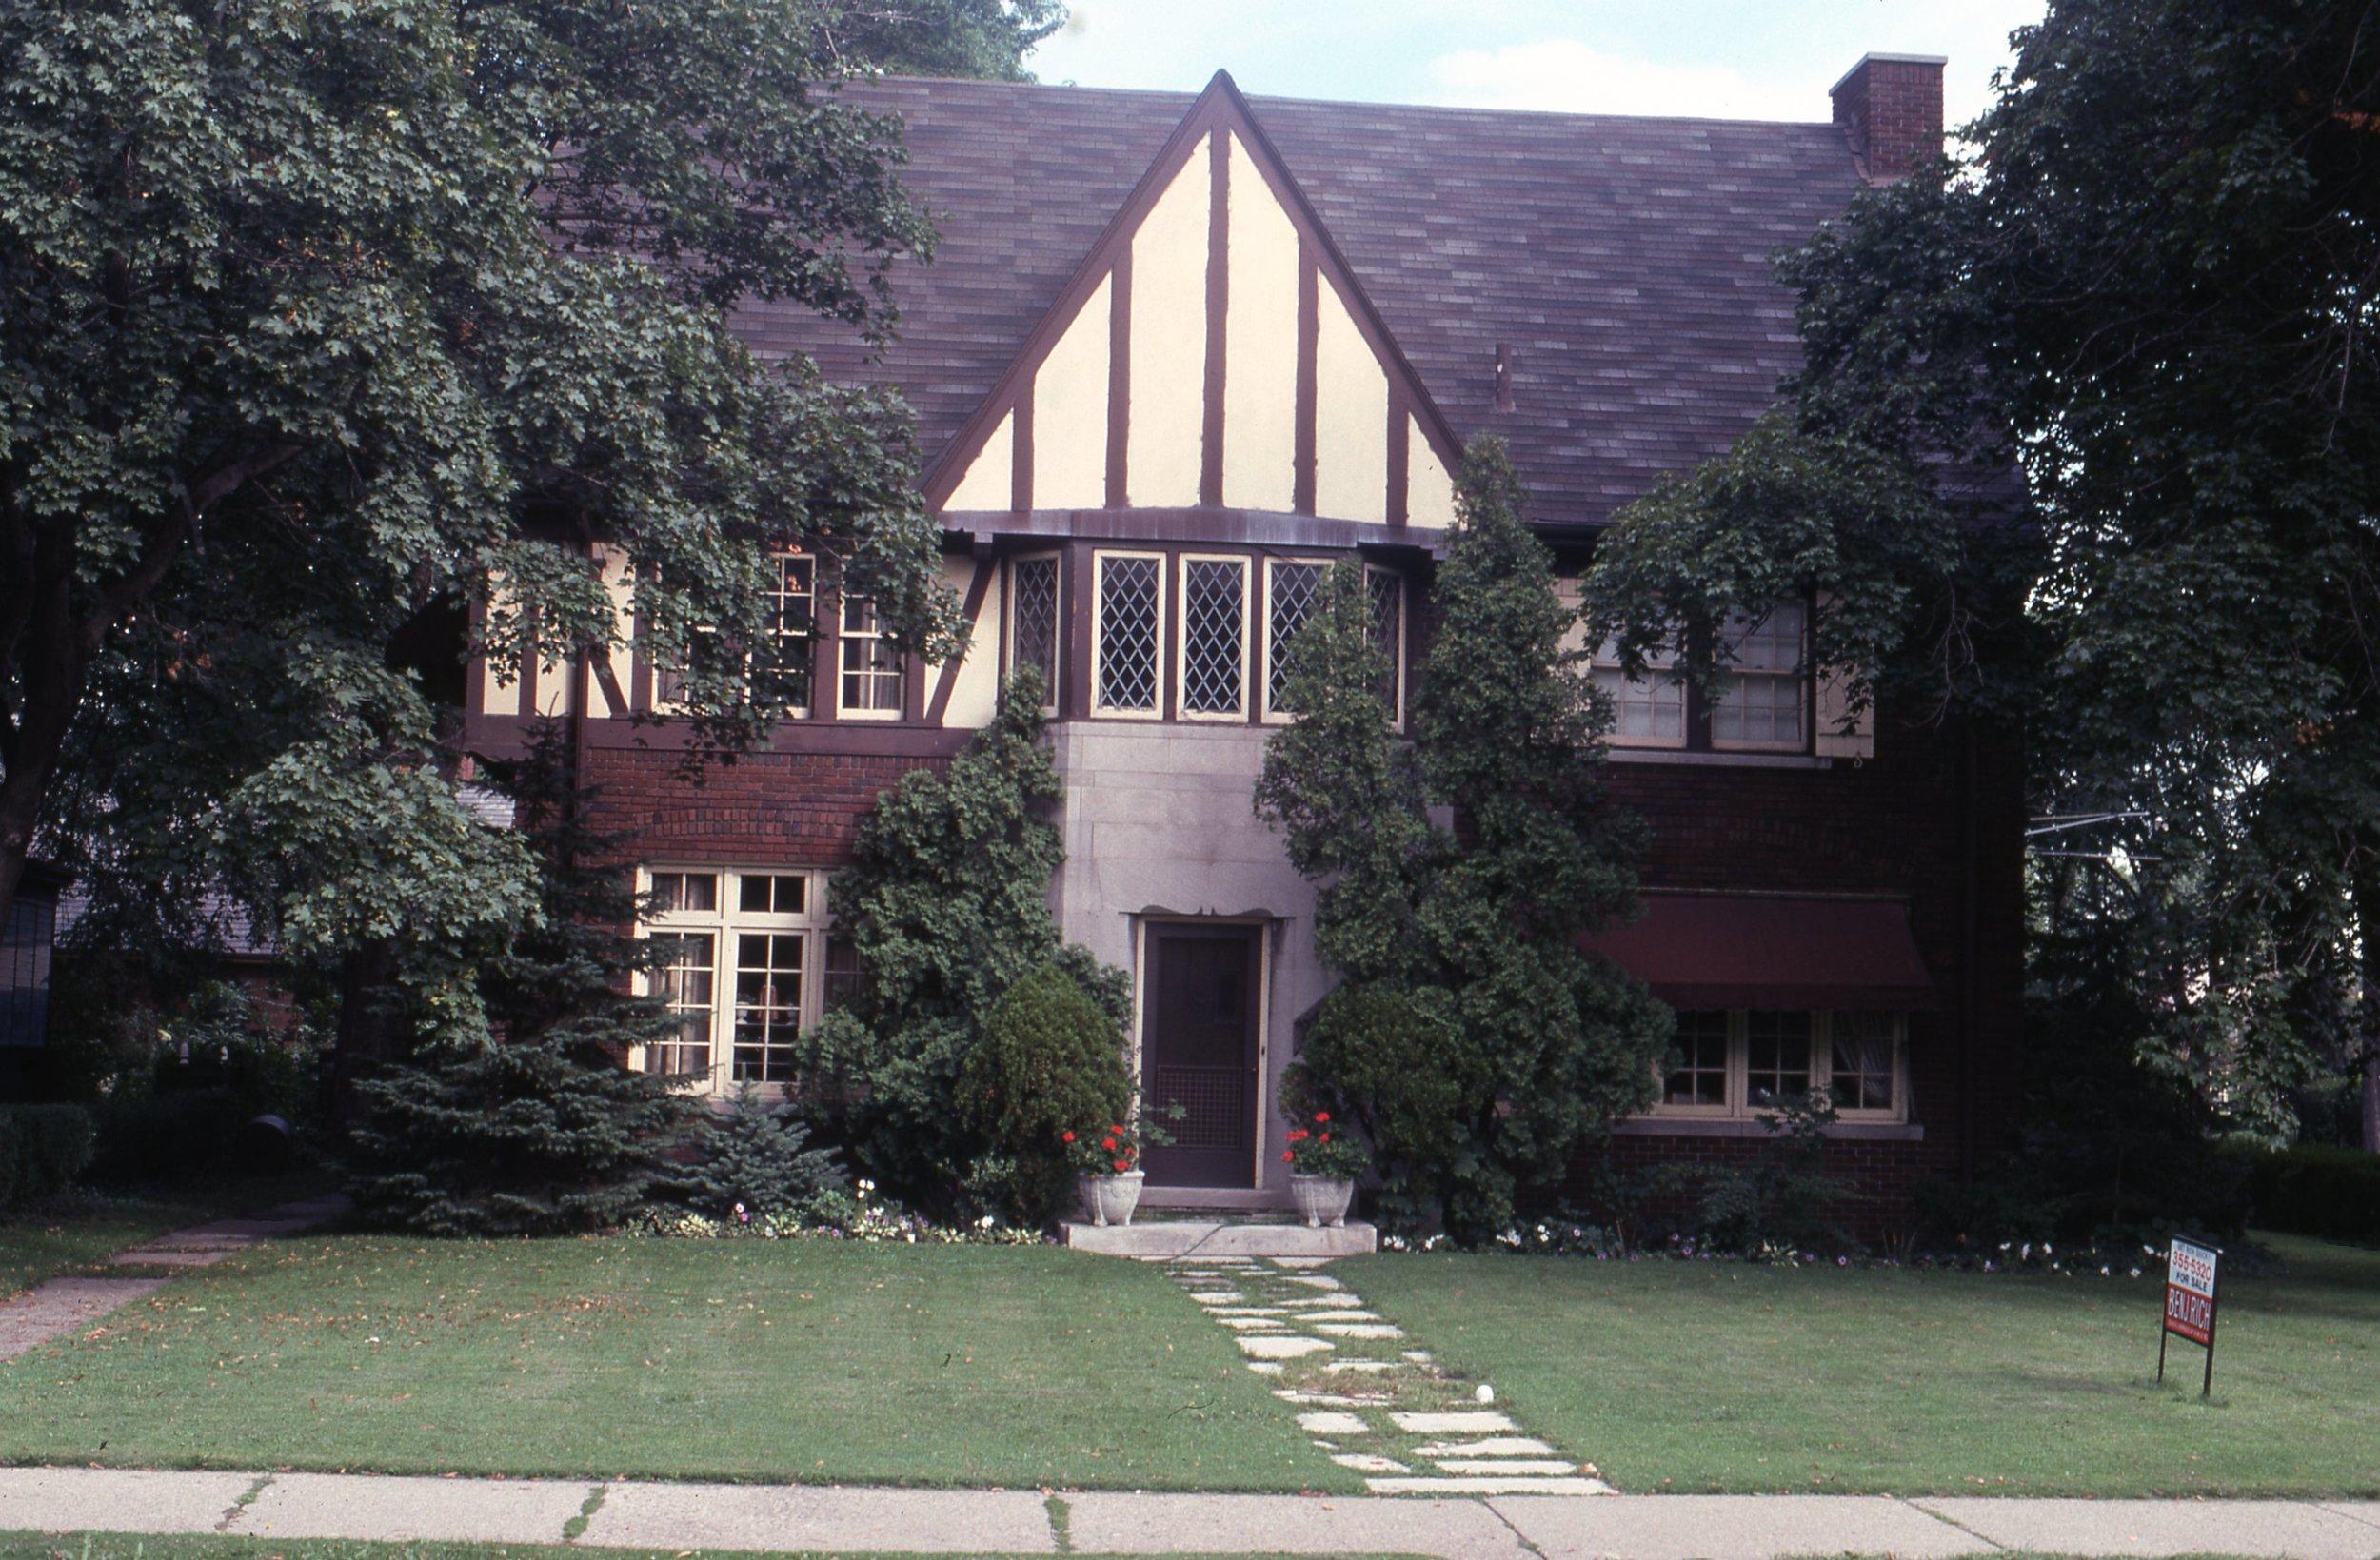 2400 W. Chicago 1974.jpg